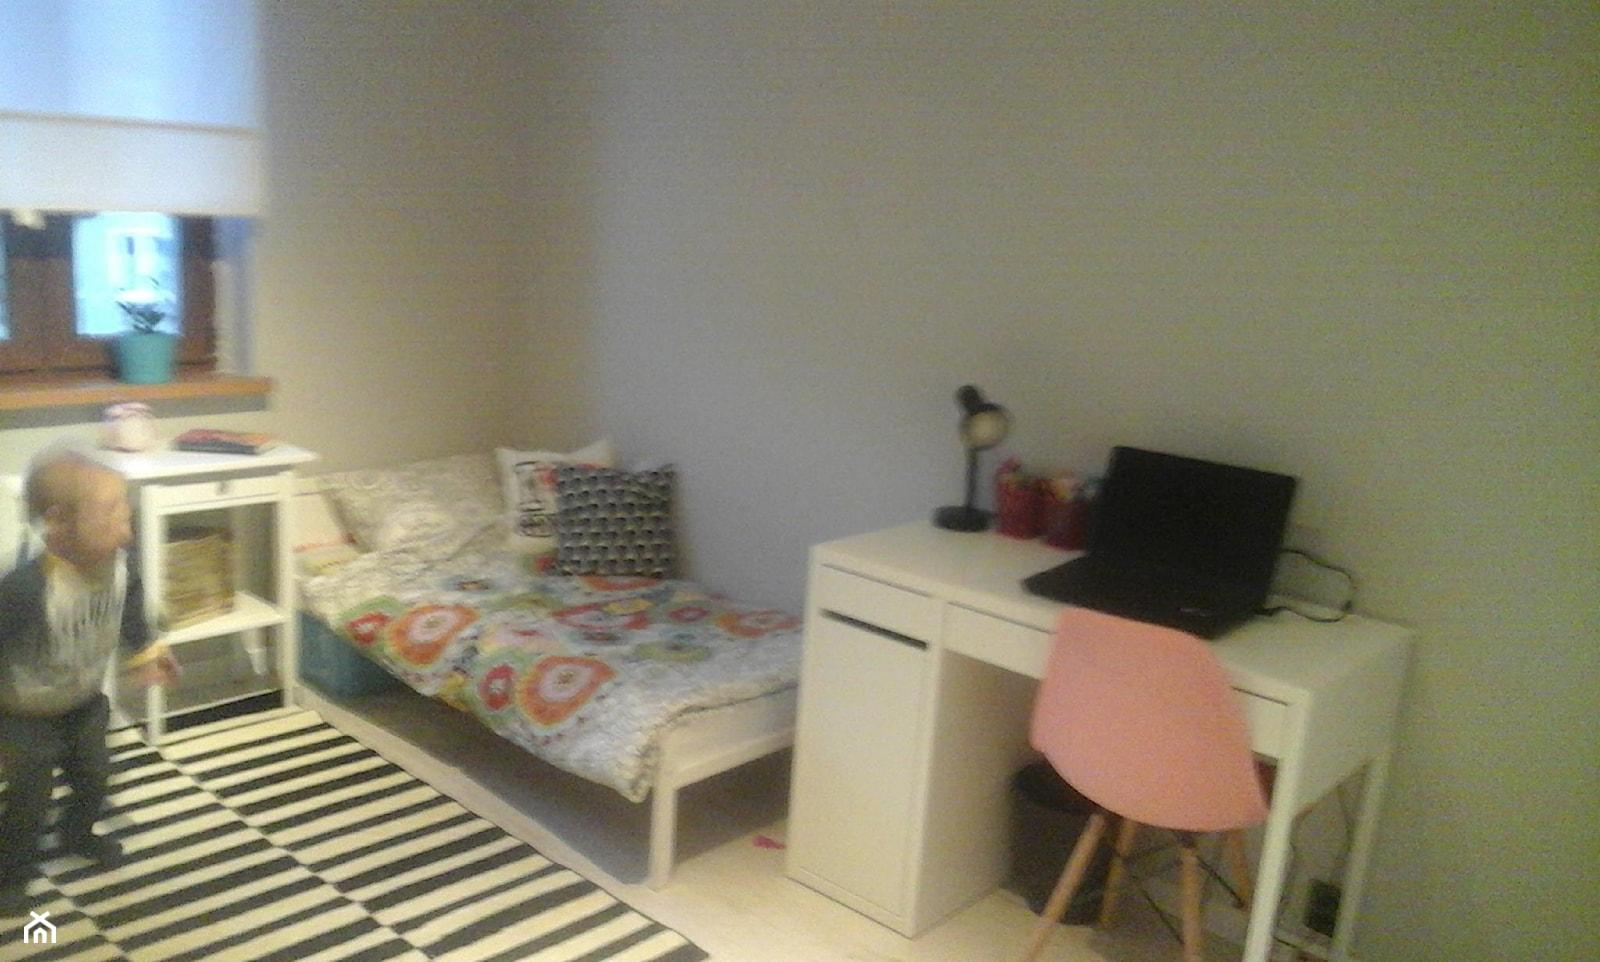 pokoj rodzeństwa 12m2 mieszkanie w bloku - Pokój dziecka, styl nowoczesny - zdjęcie od justyna1990 - Homebook